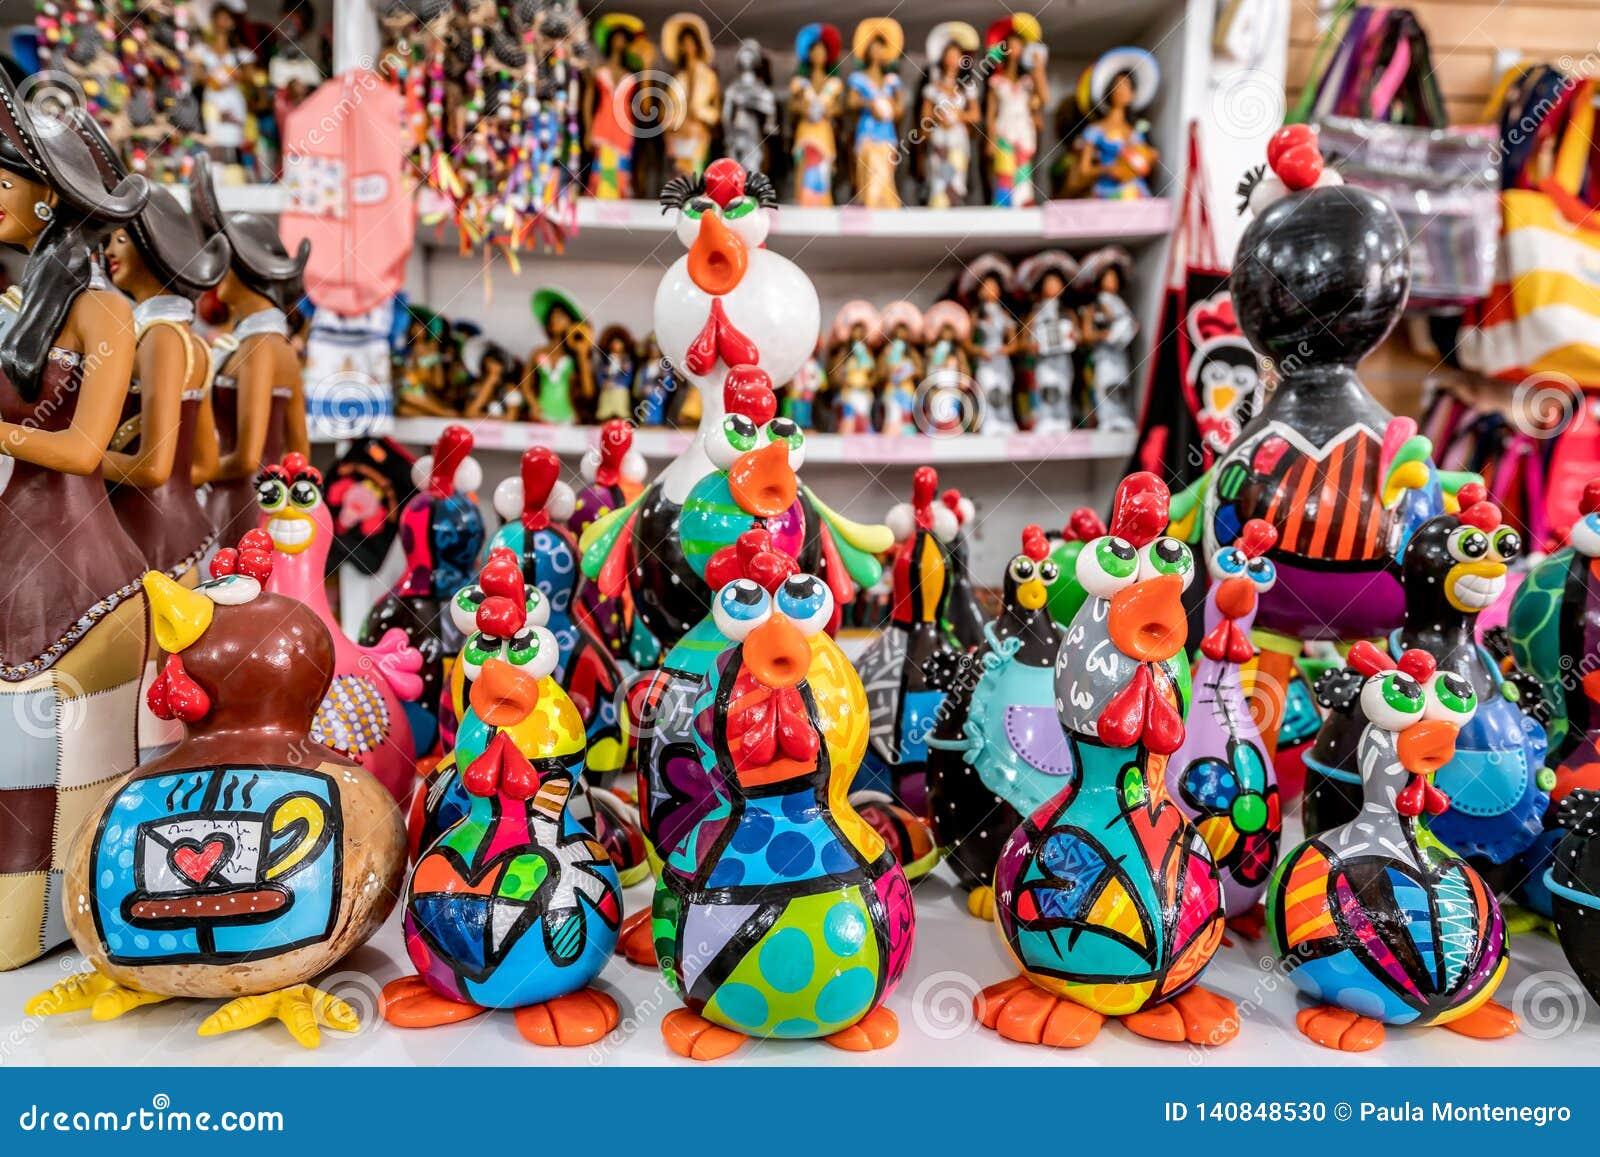 Παραλία του Πόρτο de Galinhas, Ipojuca, Pernambuco, Βραζιλία - το Σεπτέμβριο του 2018: Αγάλματα τεχνών κοτόπουλου